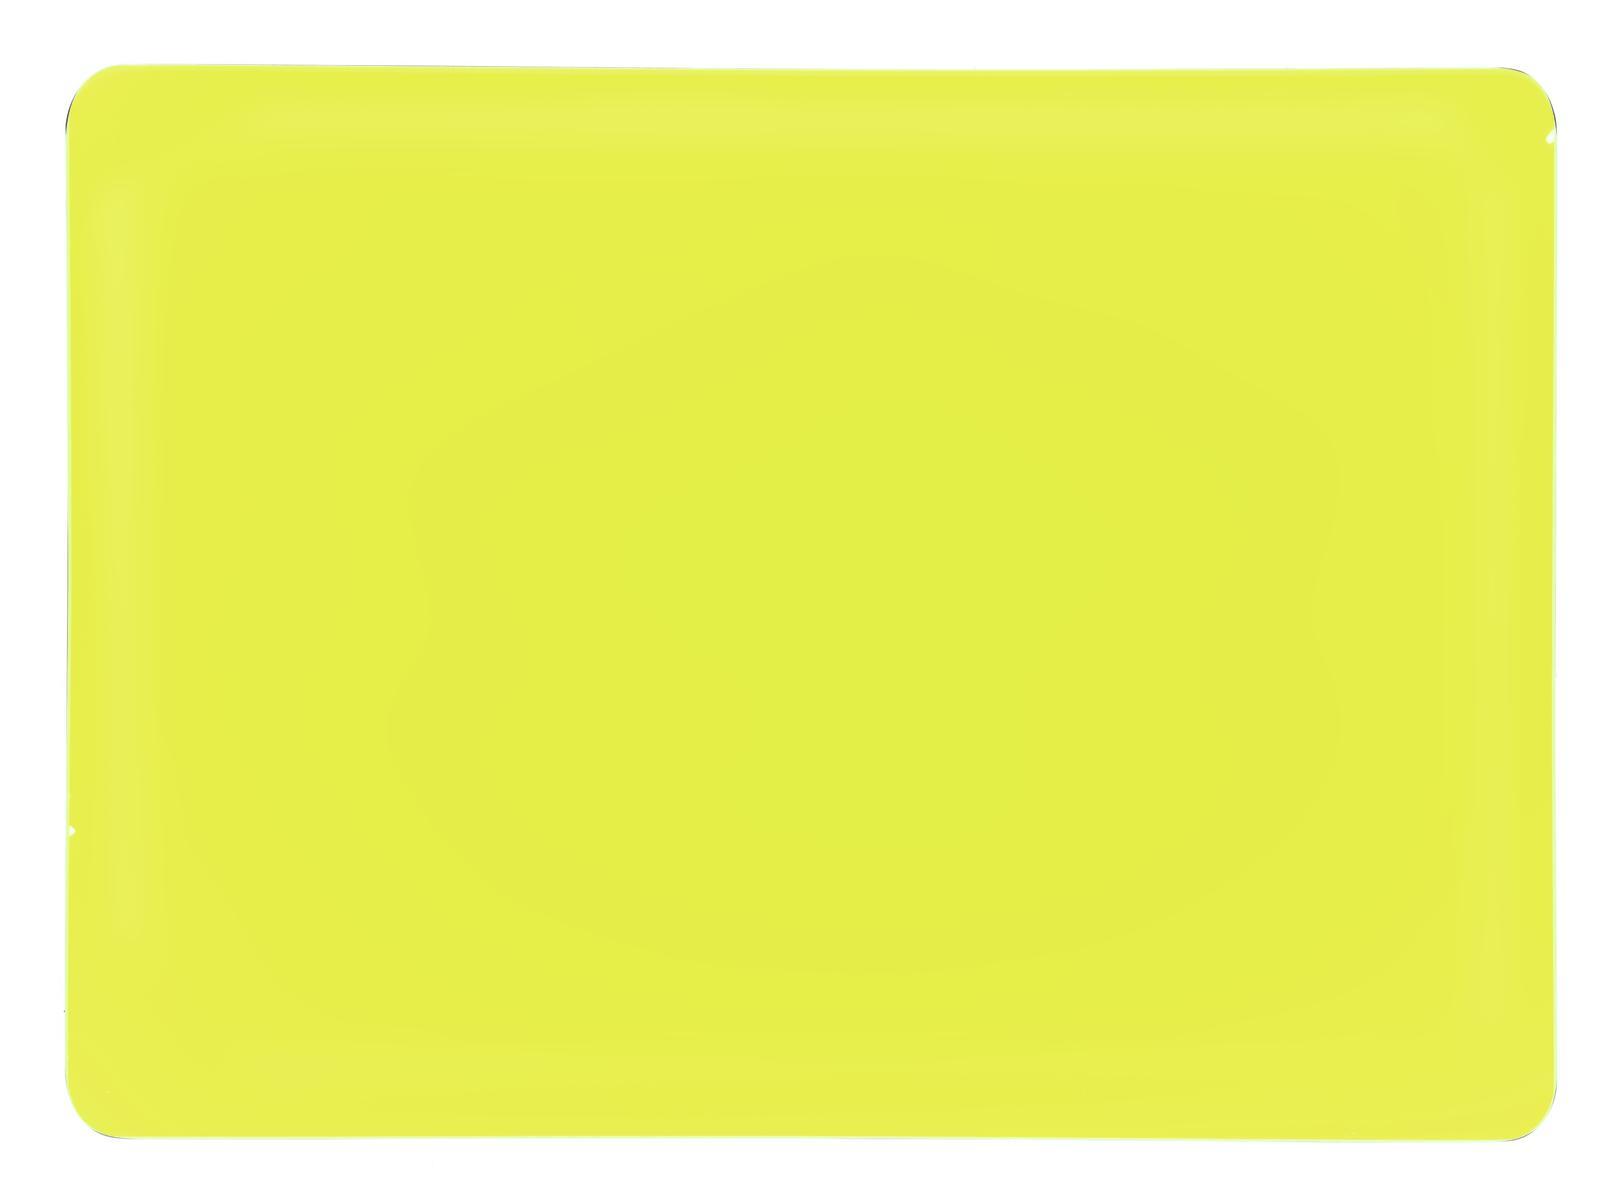 EUROLITE Filtro  Dichro giallo chiaro 258x185x3mm cl